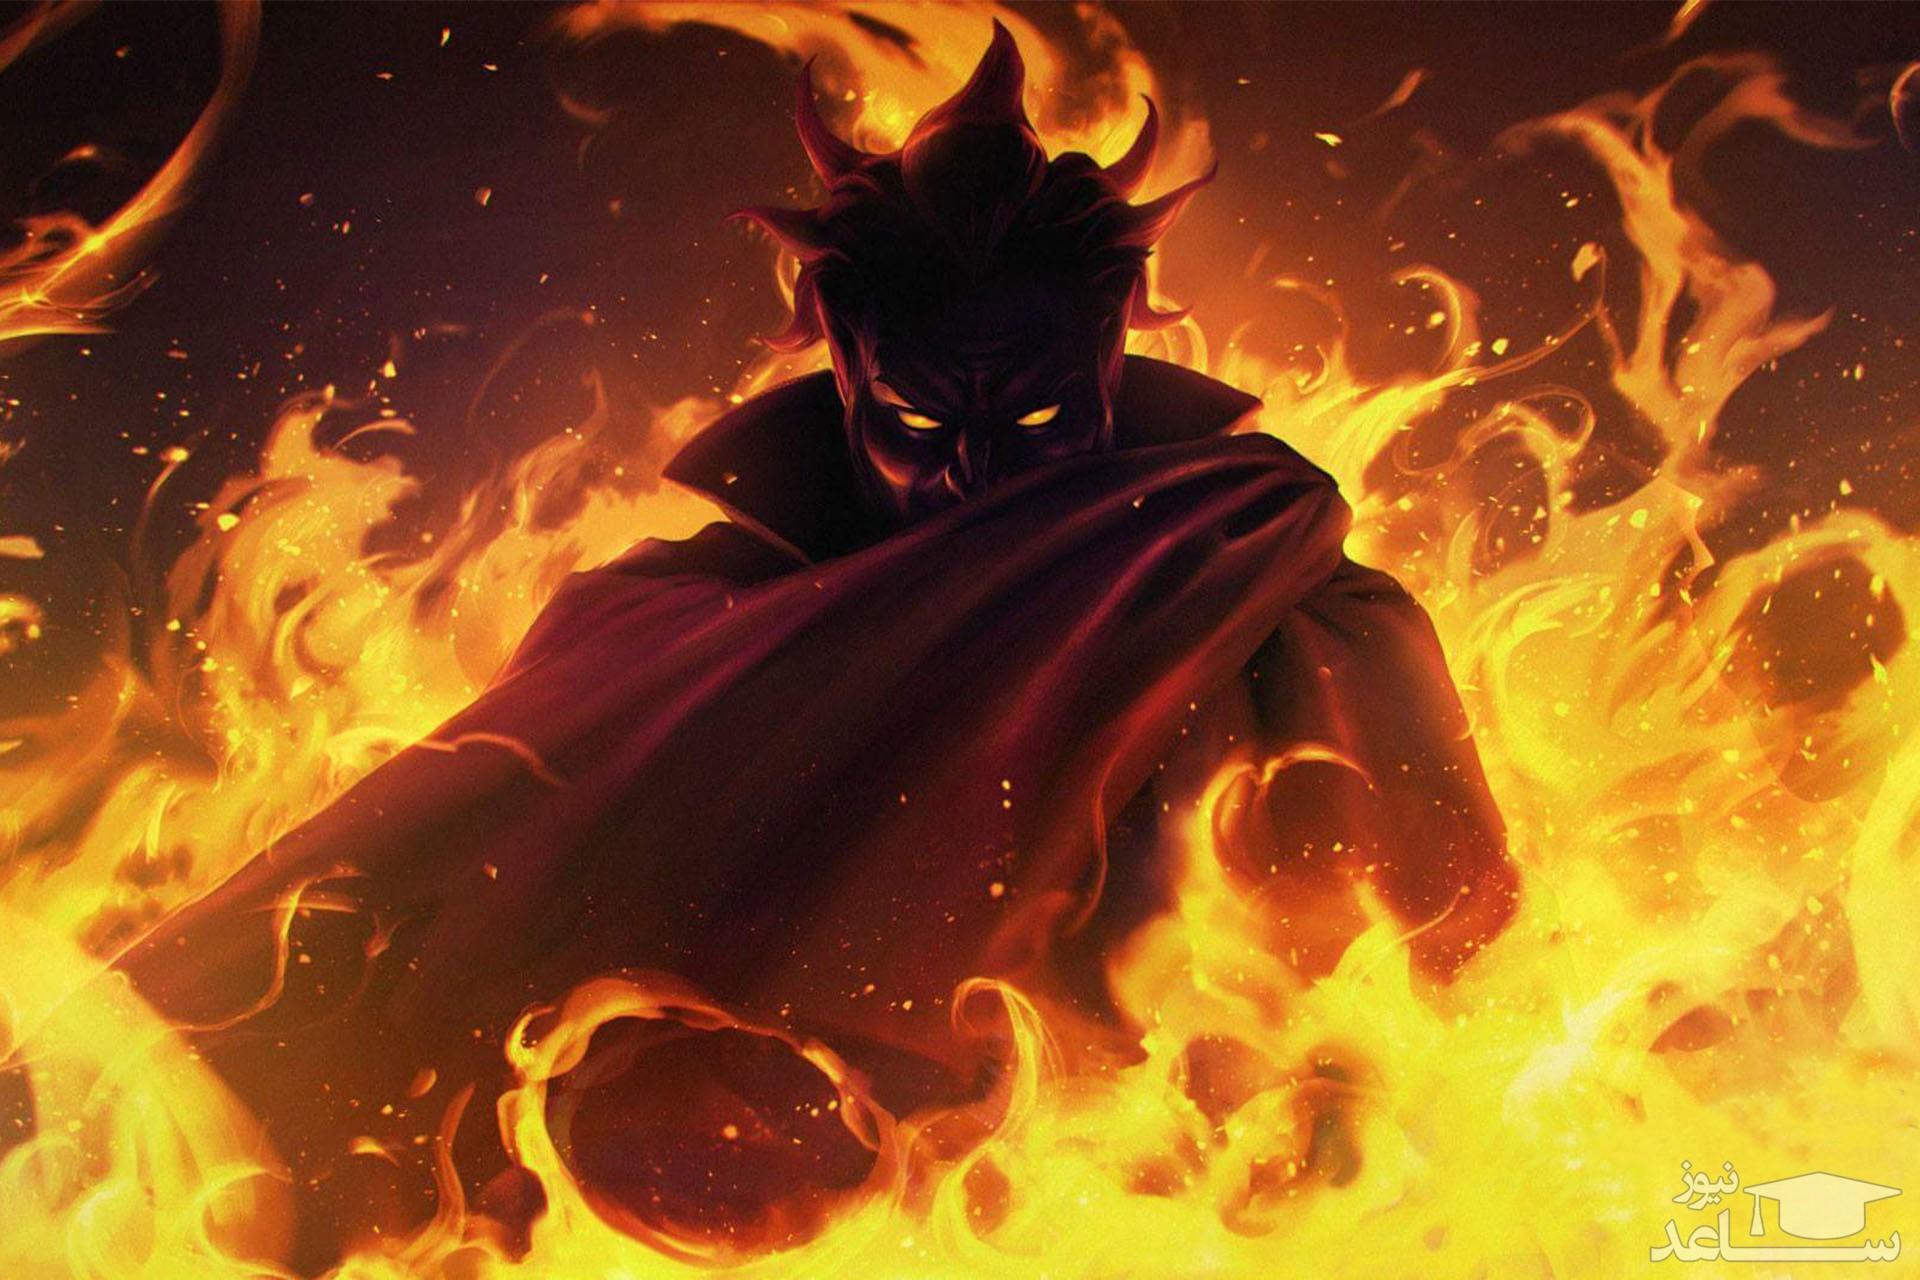 دیدن جهنم(دوزخ) در خواب چه تعبیری دارد؟ / تعبیر خواب جهنم